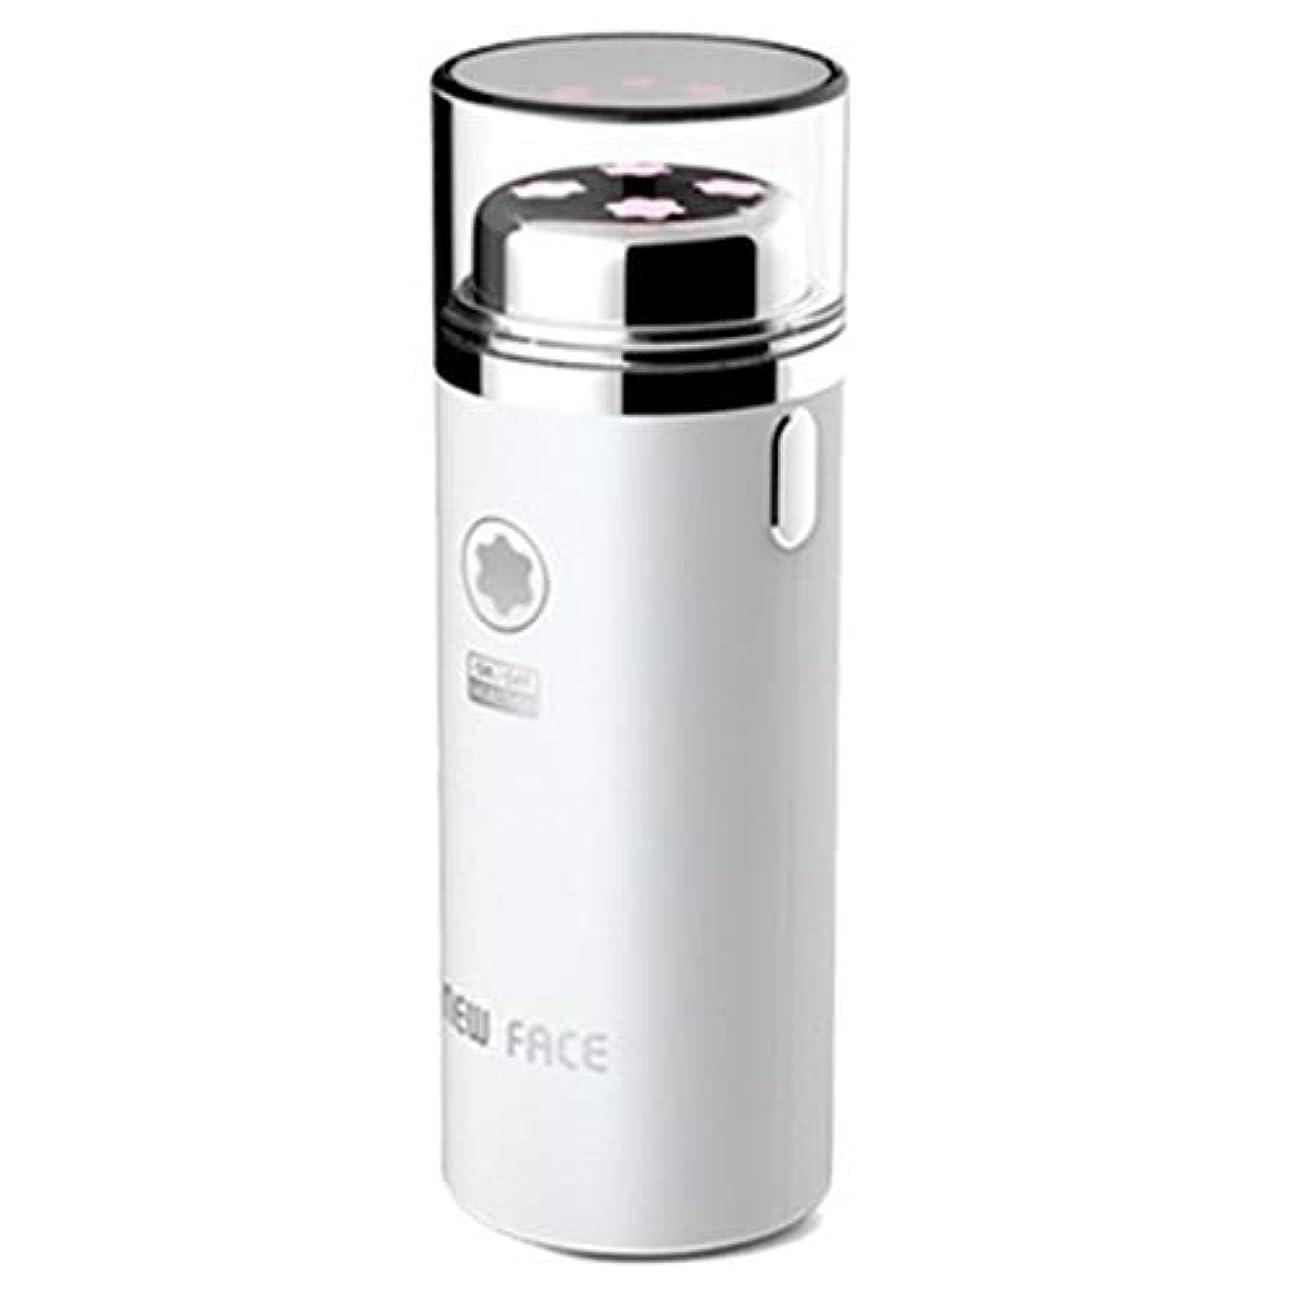 空気アシュリータファーマンオプションエラニューフェイスガルバニックマイクロ振動イオンスキンマッサージャーEFM-2500ホワイト Elra New Face Galvanic Micro Vibration Ion Skin Massager EFM-2500...